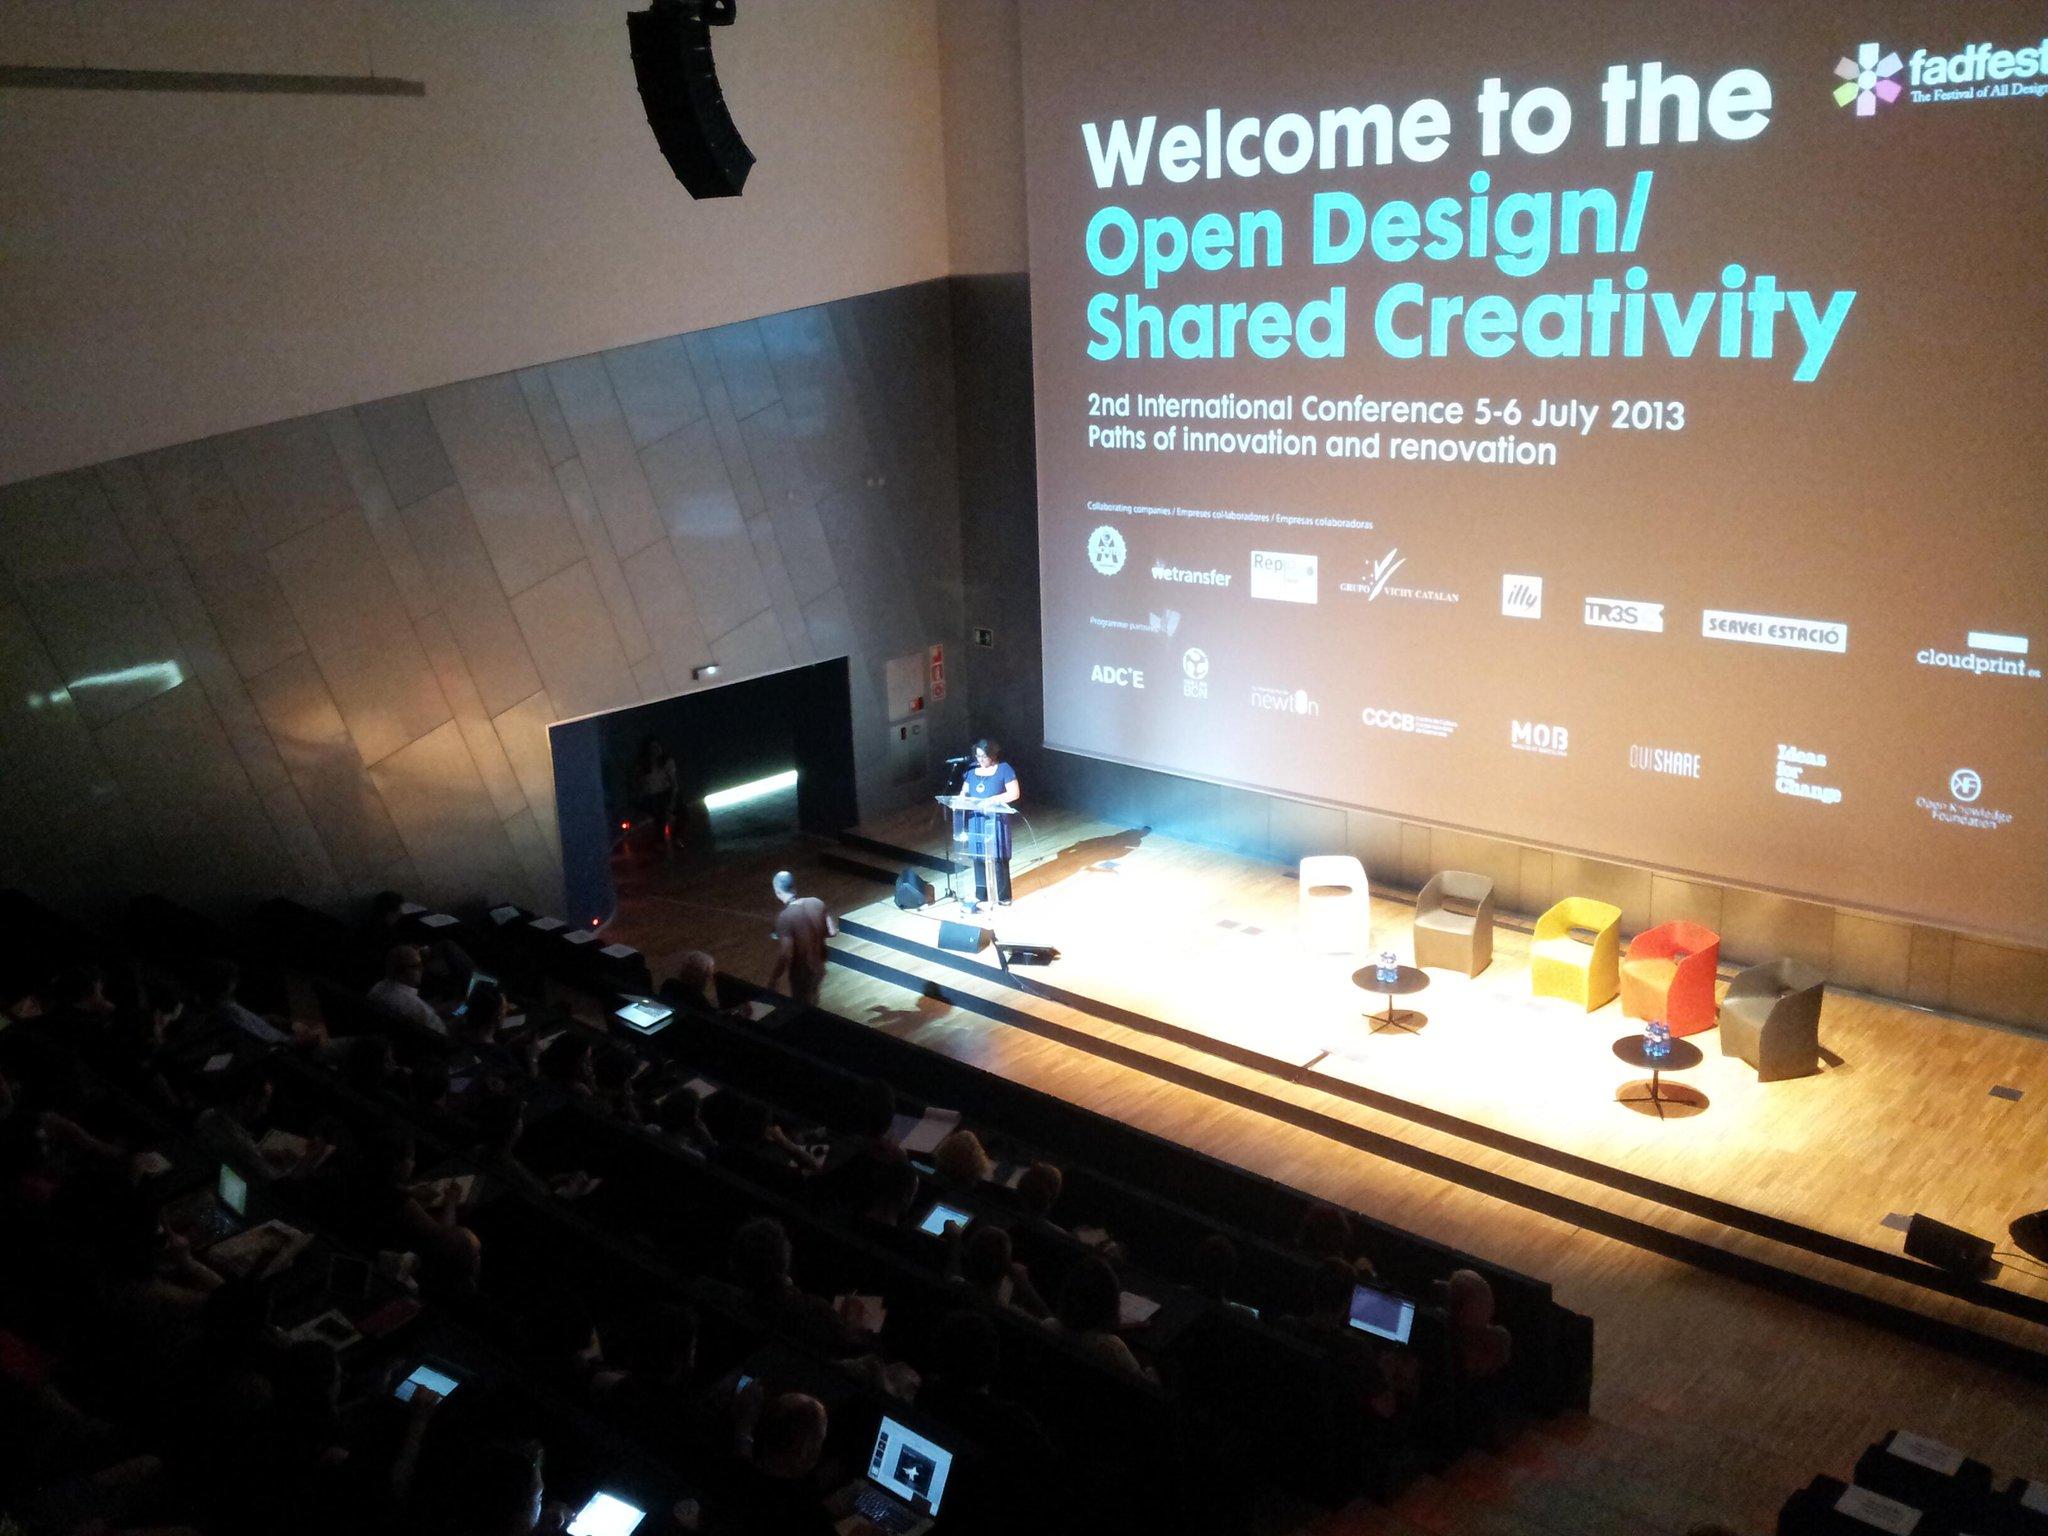 Inaguración de las conferencias. http://t.co/HFO3ok0YSD